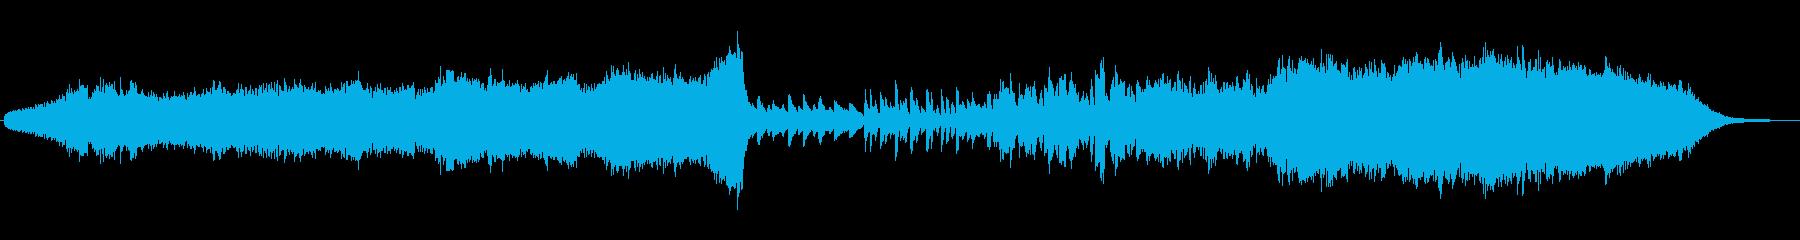 ストリングスが印象的な切なくも力強い曲の再生済みの波形